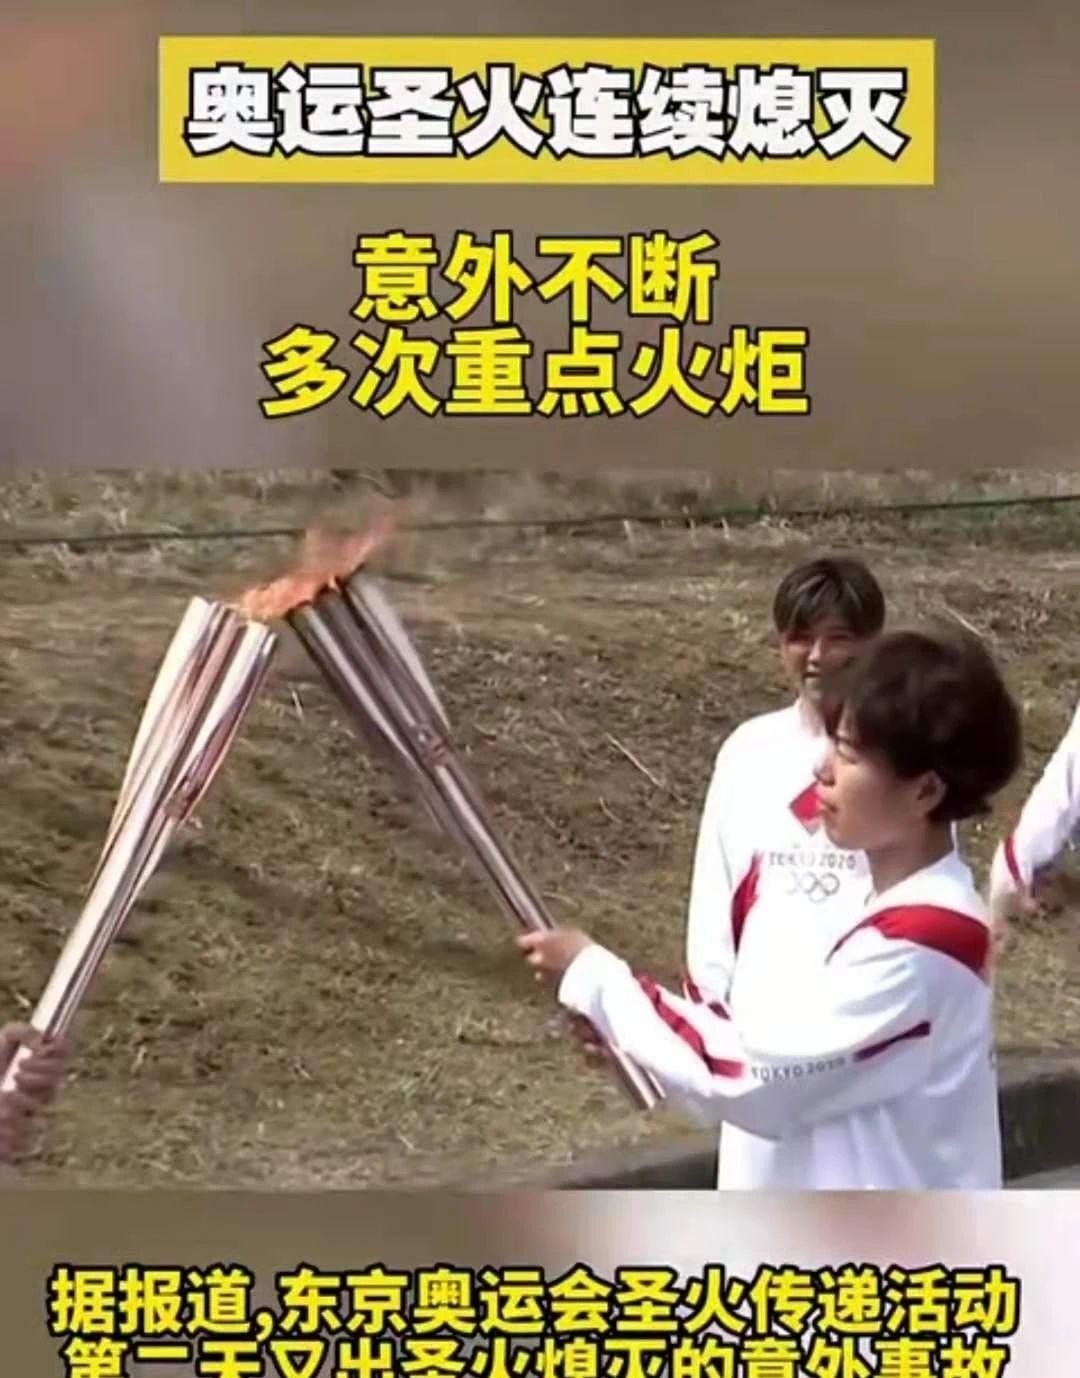 日本东京奥运会这些让世界都震惊的迷惑行为是怎么被想出来的呢? (12)